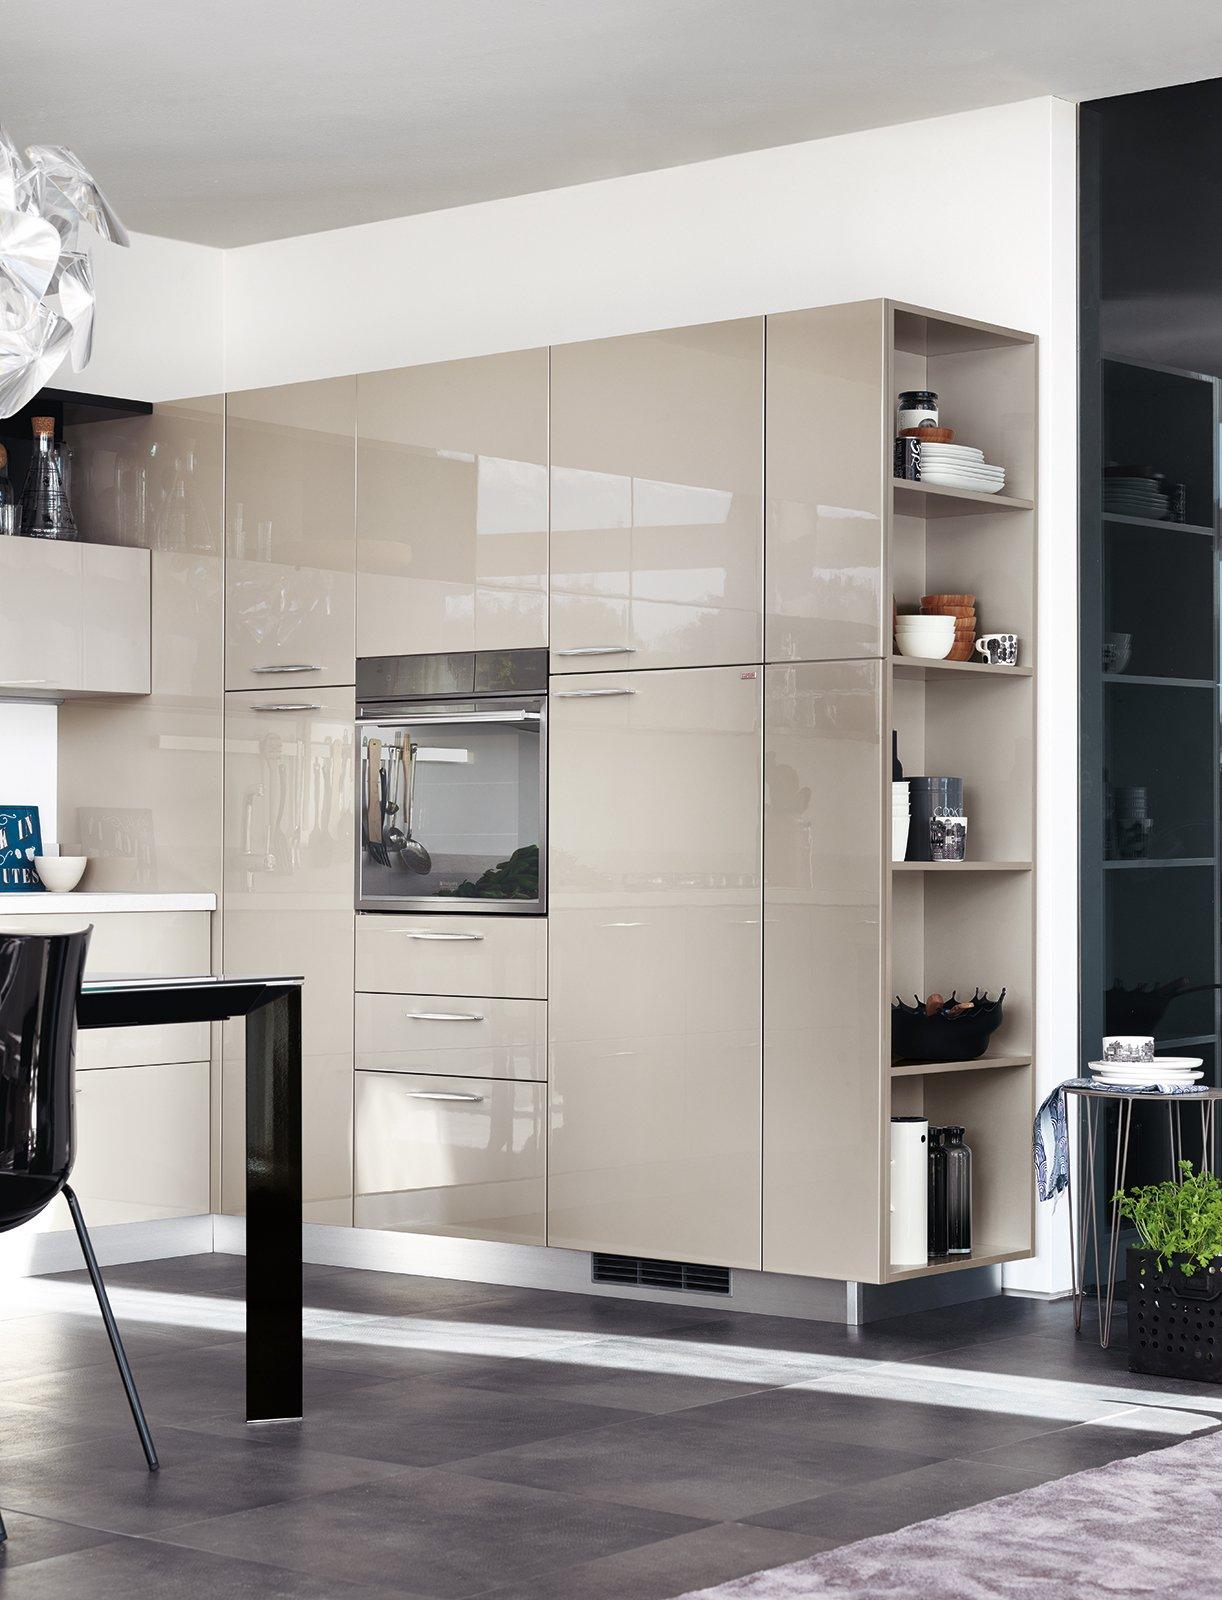 In cucina i vani a giorno fanno tendenza cose di casa for Immagini per cucina